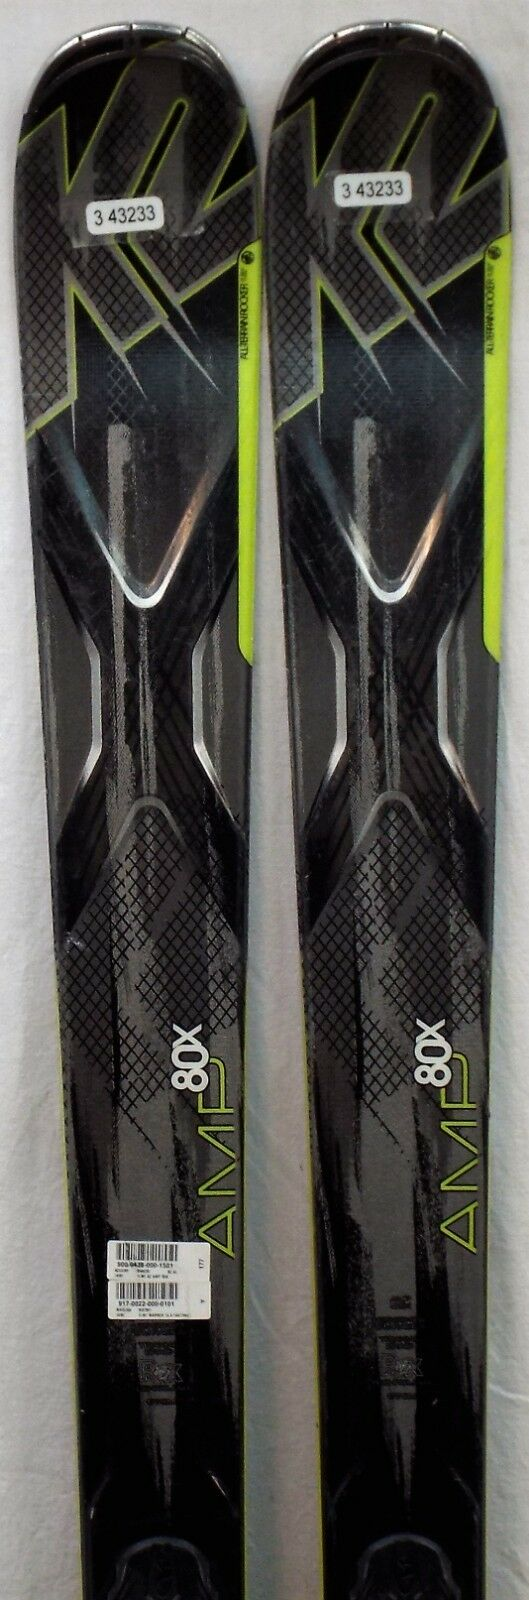 14-15 K2 AMP 80X Gebruikte Demo Ski's voor mannen w Bindings Grootte 177cm 35;34323